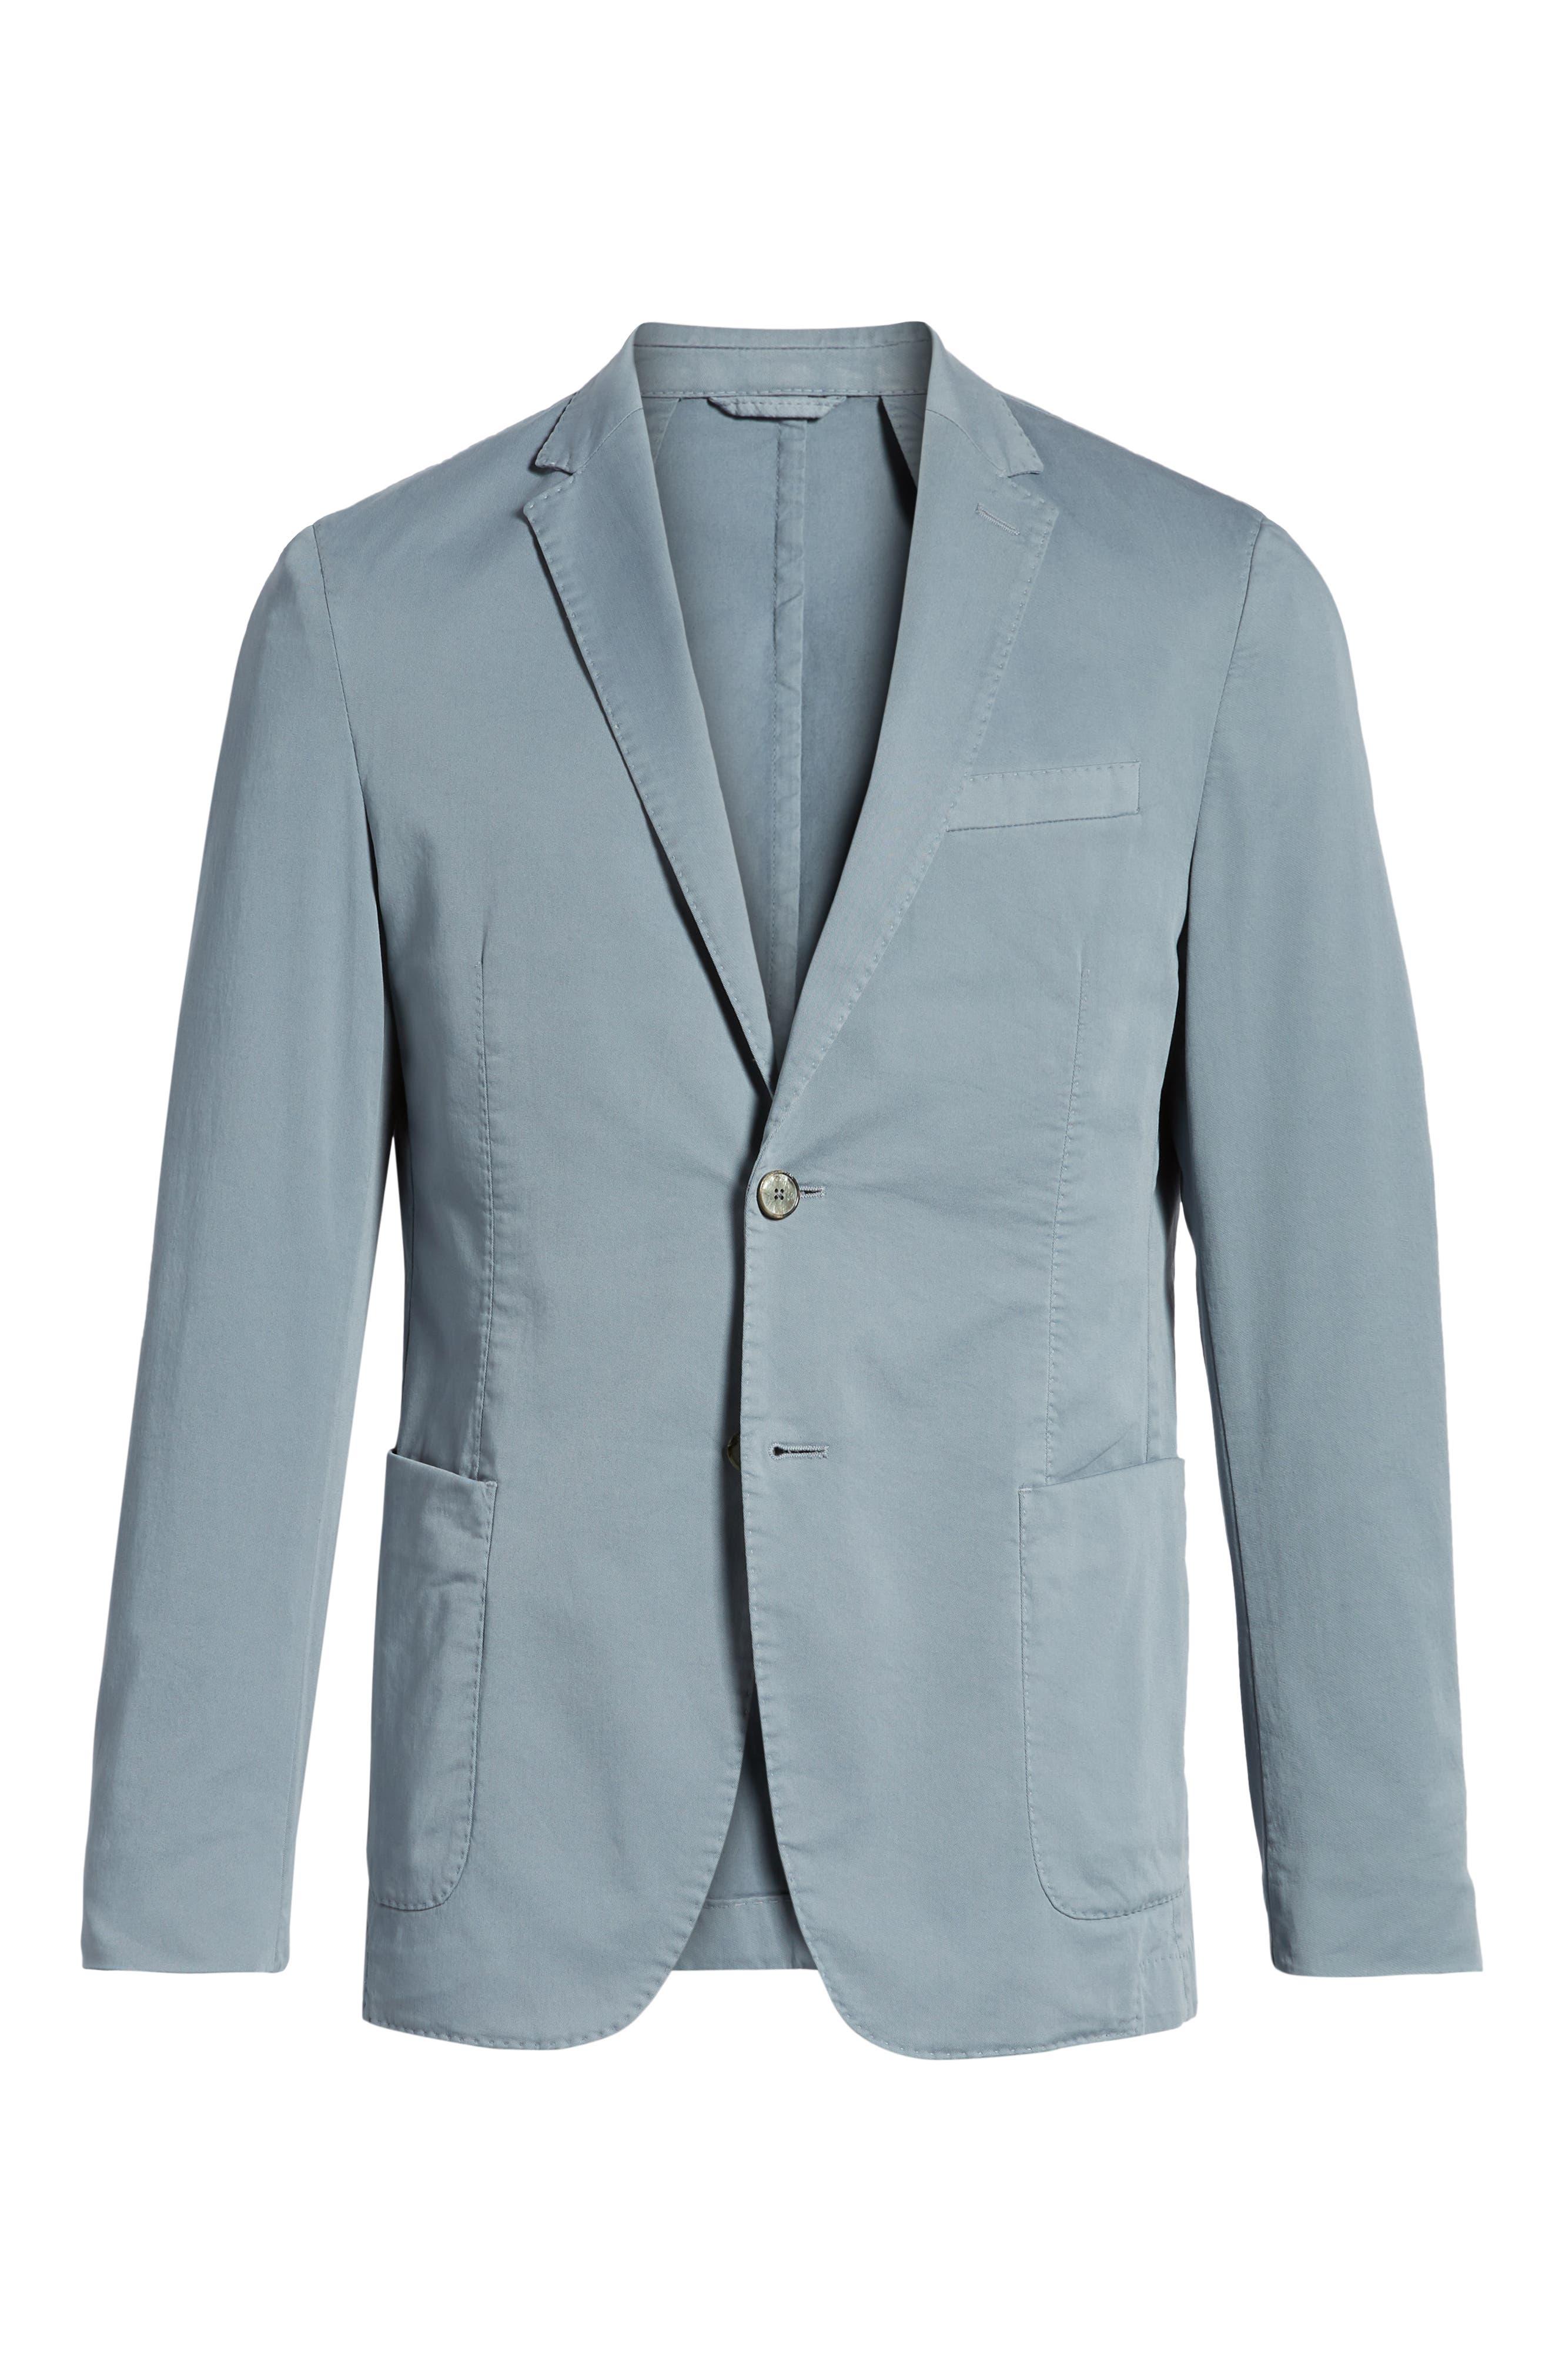 Hanry-D Trim Fit Stretch Cotton Blazer,                             Alternate thumbnail 5, color,                             BLUE